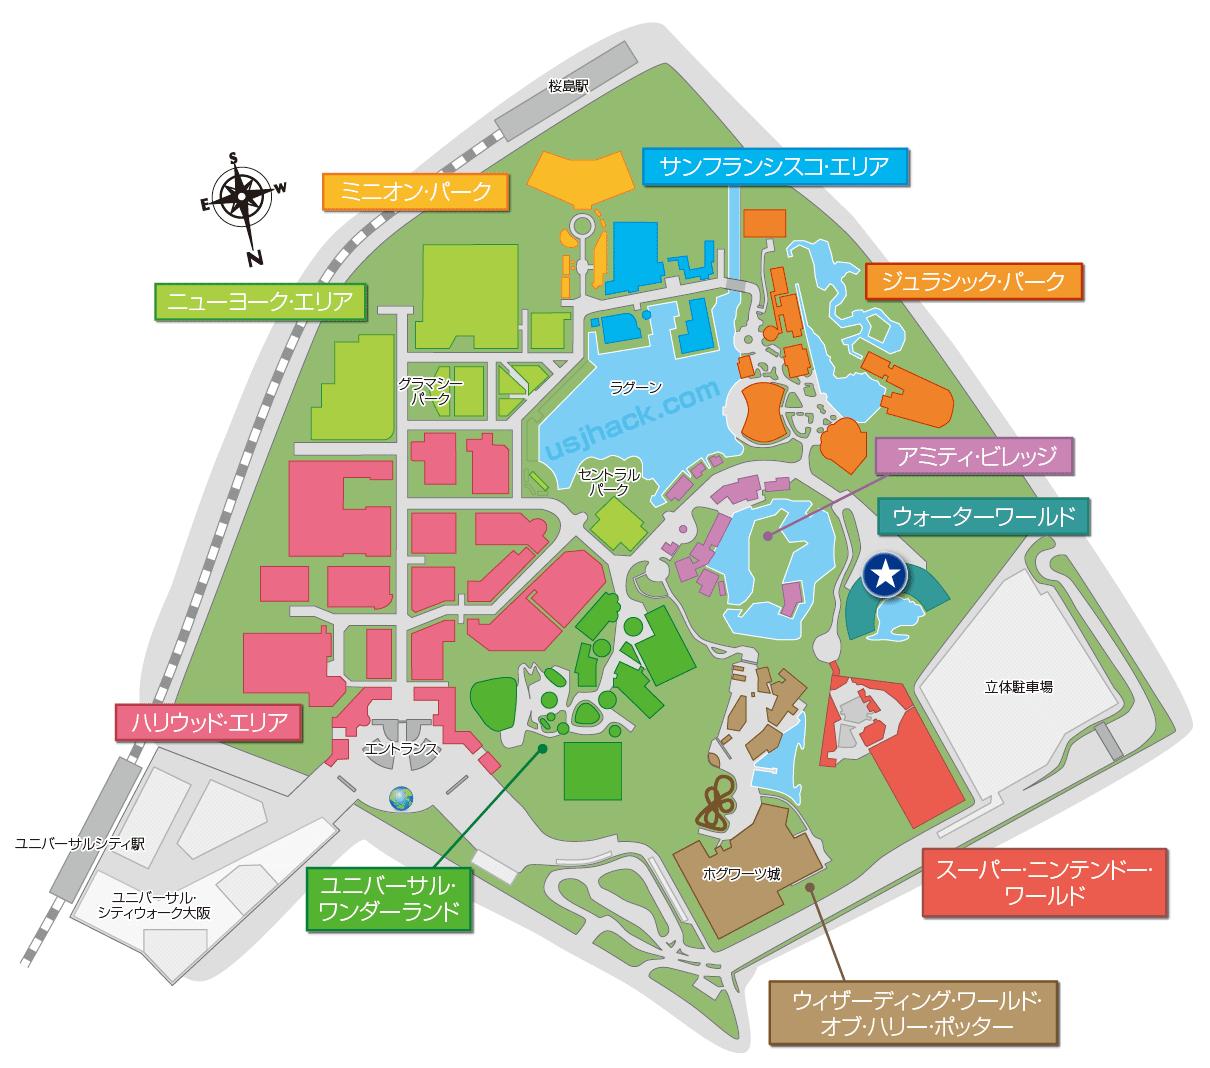 ワンピースプリミアショーの開催場所マップ